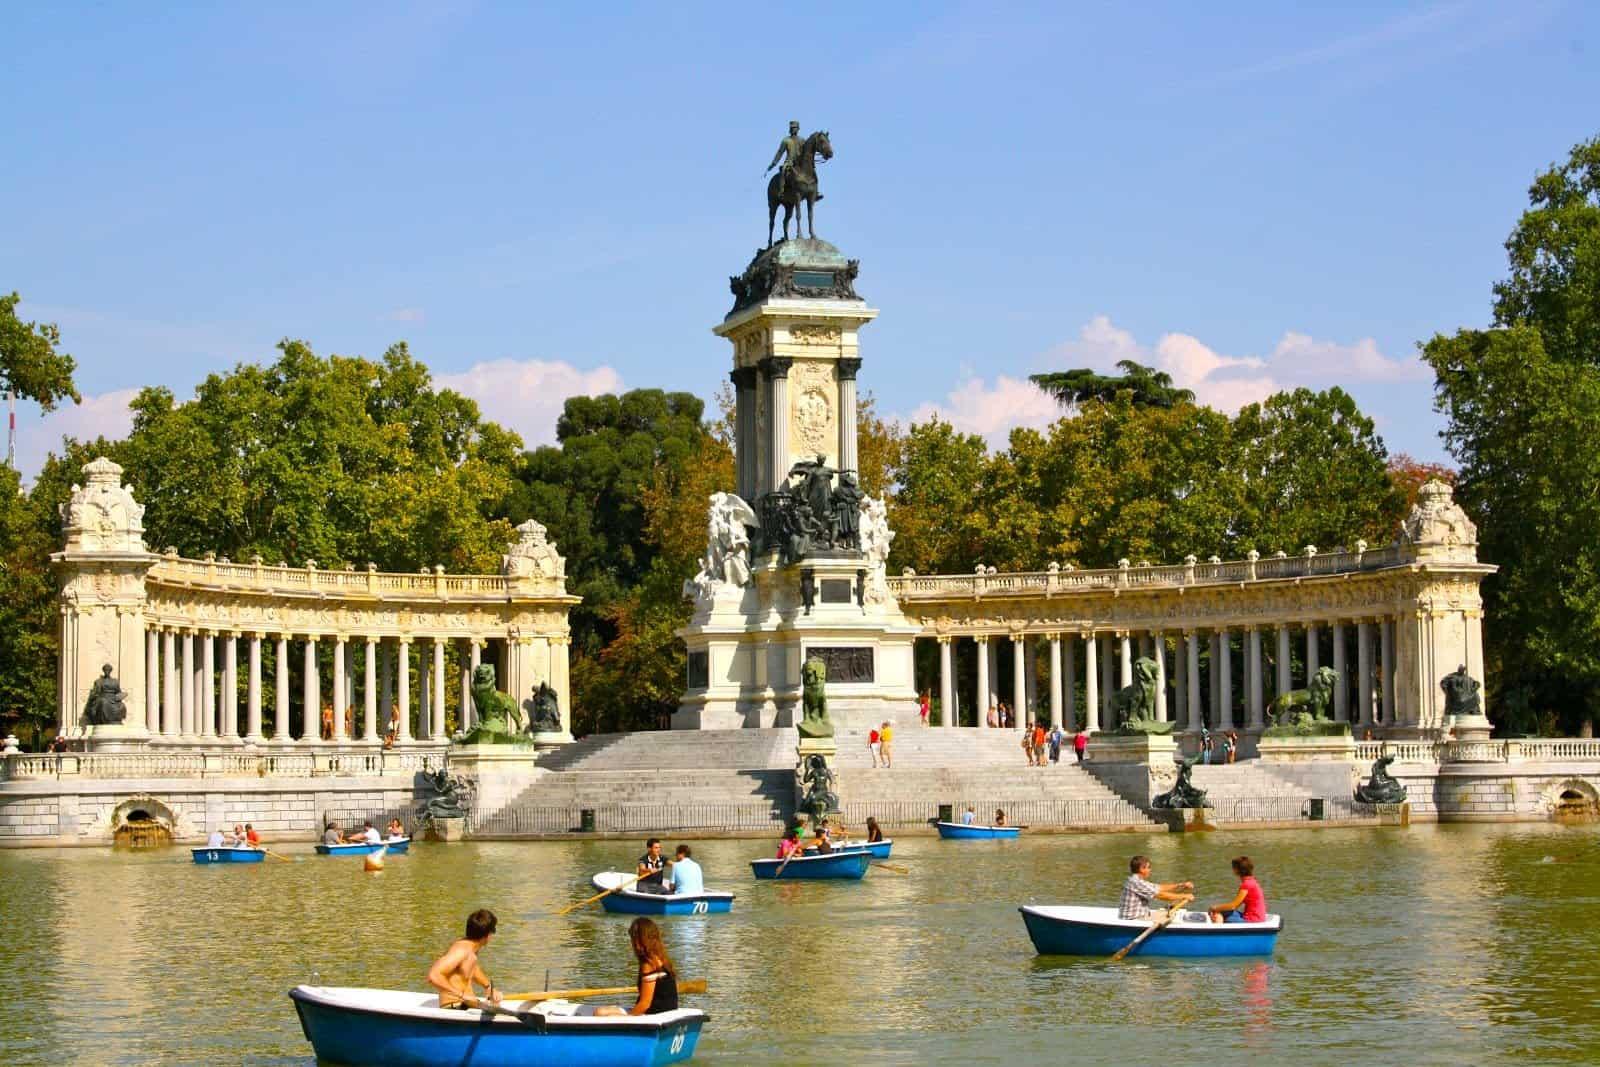 افضل 5 انشطة في حديقة ريتيرو مدريد اسبانيا